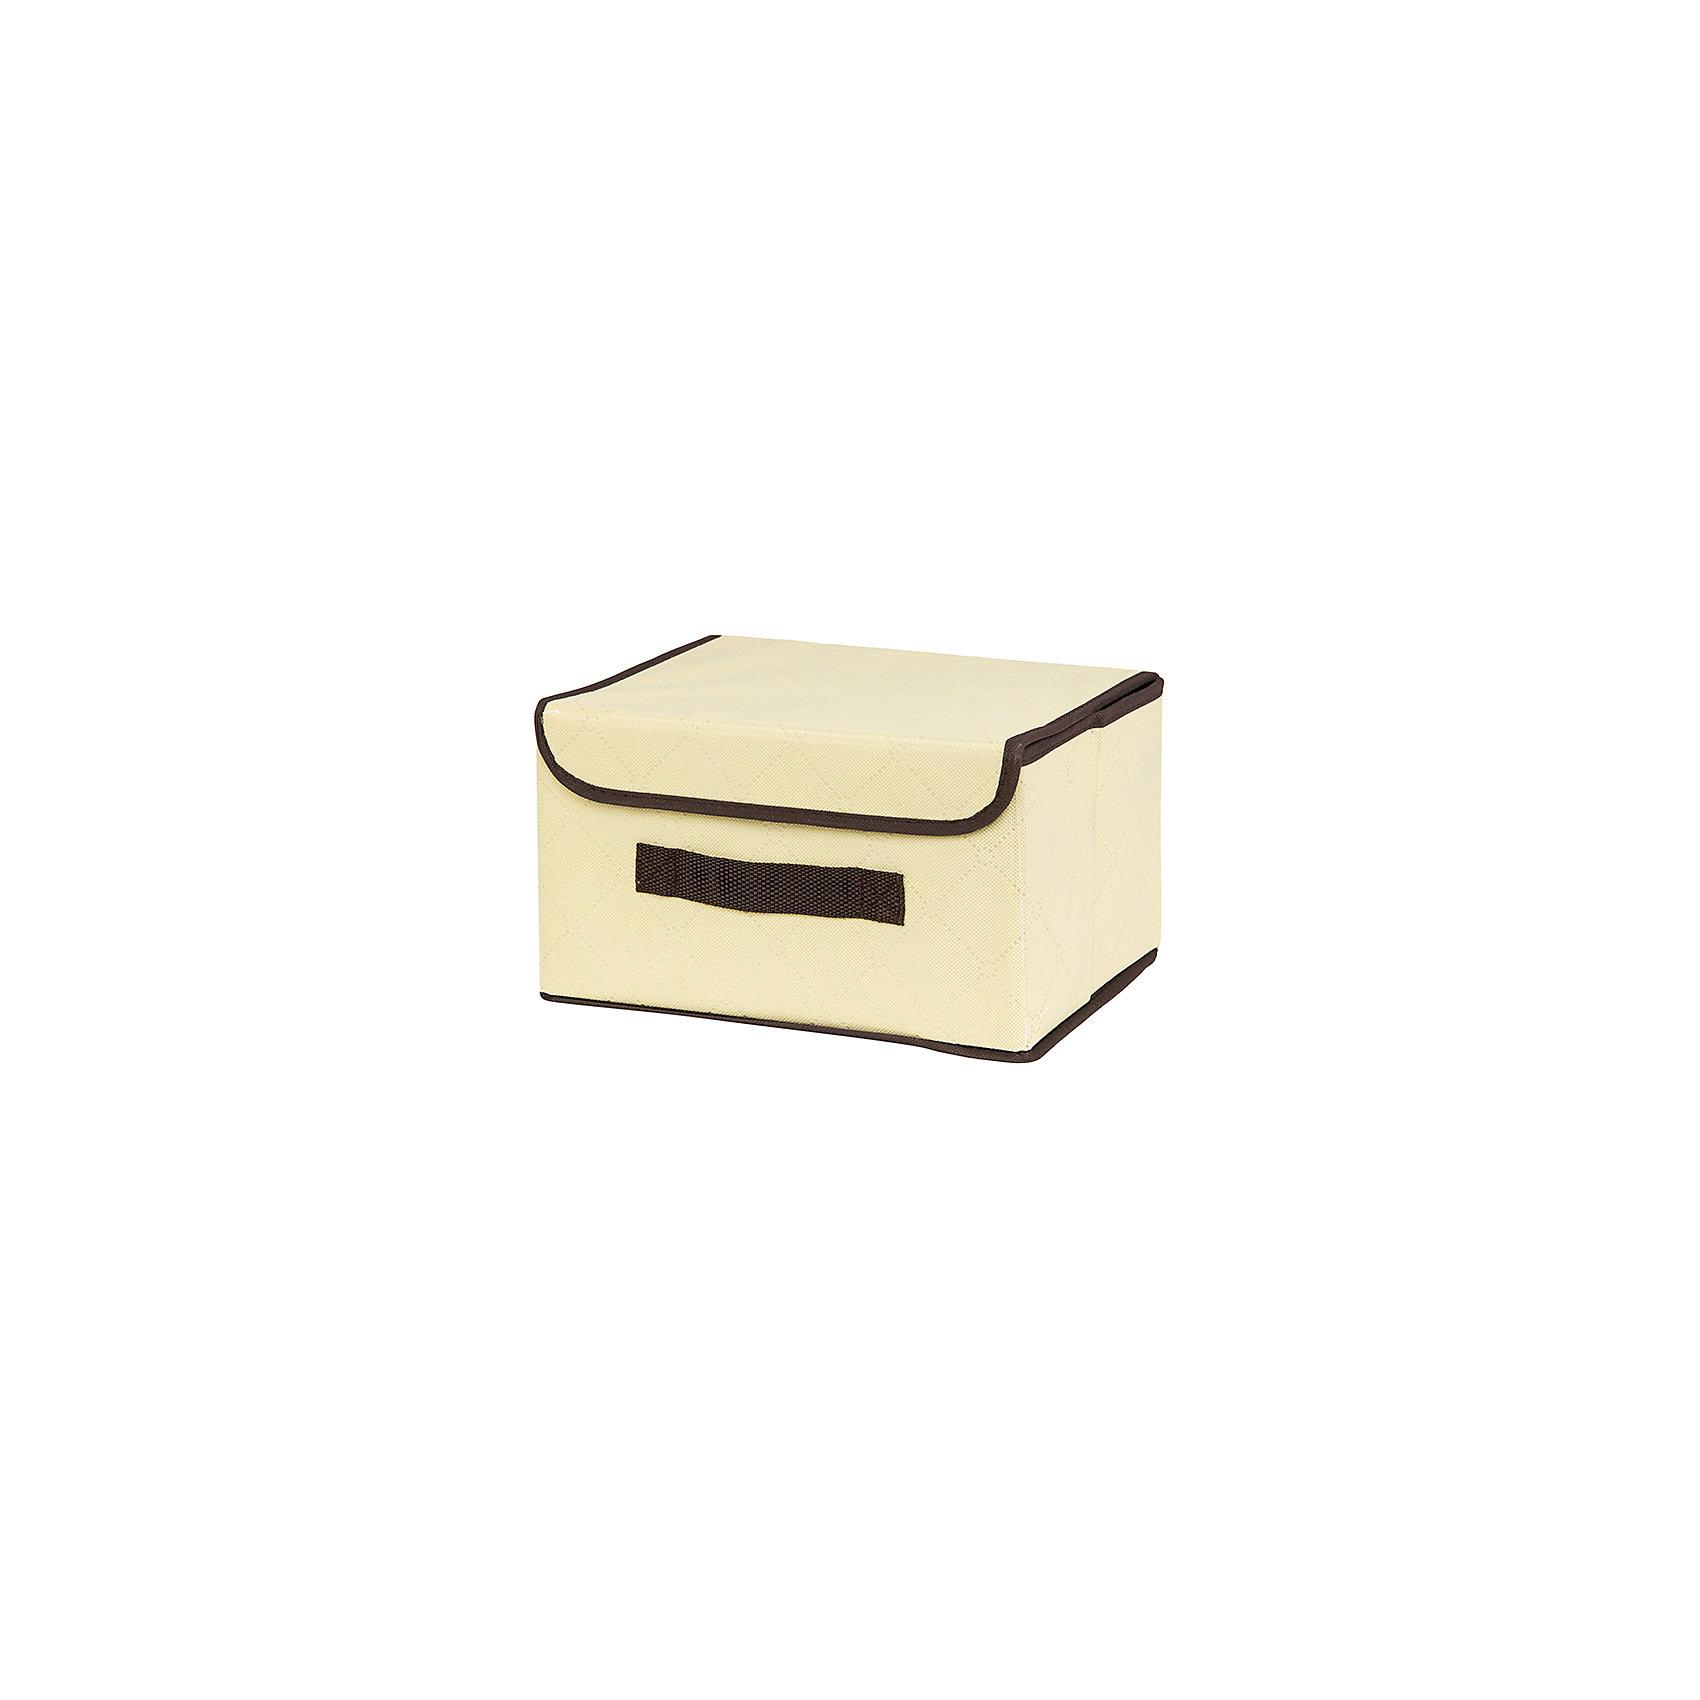 Кофр складной для хранения 26*20*16 см. Геометрия стиля, EL Casa, молочныйПорядок в детской<br>Характеристики товара:<br><br>• цвет: мульти<br>• материал: текстиль (полиэстер), картон<br>• размер: 26 х 20 х 16 см<br>• вес: 400 г<br>• декорирован принтом<br>• с жестким каркасом<br>• легко складывается и раскладывается<br>• удобный<br>• с крышкой и ручкой<br>• универсальный размер<br>• страна бренда: Российская Федерация<br>• страна производства: Китай<br><br>Такой кофр - отличный пример красивой и функциональной вещи для любого интерьера. В нем удобной хранить различные мелочи, благодаря универсальному дизайну и расцветке он хорошо будет смотреться в помещении.<br><br>Кофр с жёстким каркасом для хранения может стать отличным приобретением для дома или подарком для любителей красивых оригинальных вещей.<br><br>Бренд EL Casa - это красивые и практичные товары для дома с современным дизайном. Они добавляют в жильё уюта и комфорта! <br><br>Кофр складной для хранения 26*20*16 см. Геометрия стиля, EL Casa можно купить в нашем интернет-магазине.<br><br>Ширина мм: 270<br>Глубина мм: 210<br>Высота мм: 27<br>Вес г: 367<br>Возраст от месяцев: 0<br>Возраст до месяцев: 1188<br>Пол: Унисекс<br>Возраст: Детский<br>SKU: 6668738